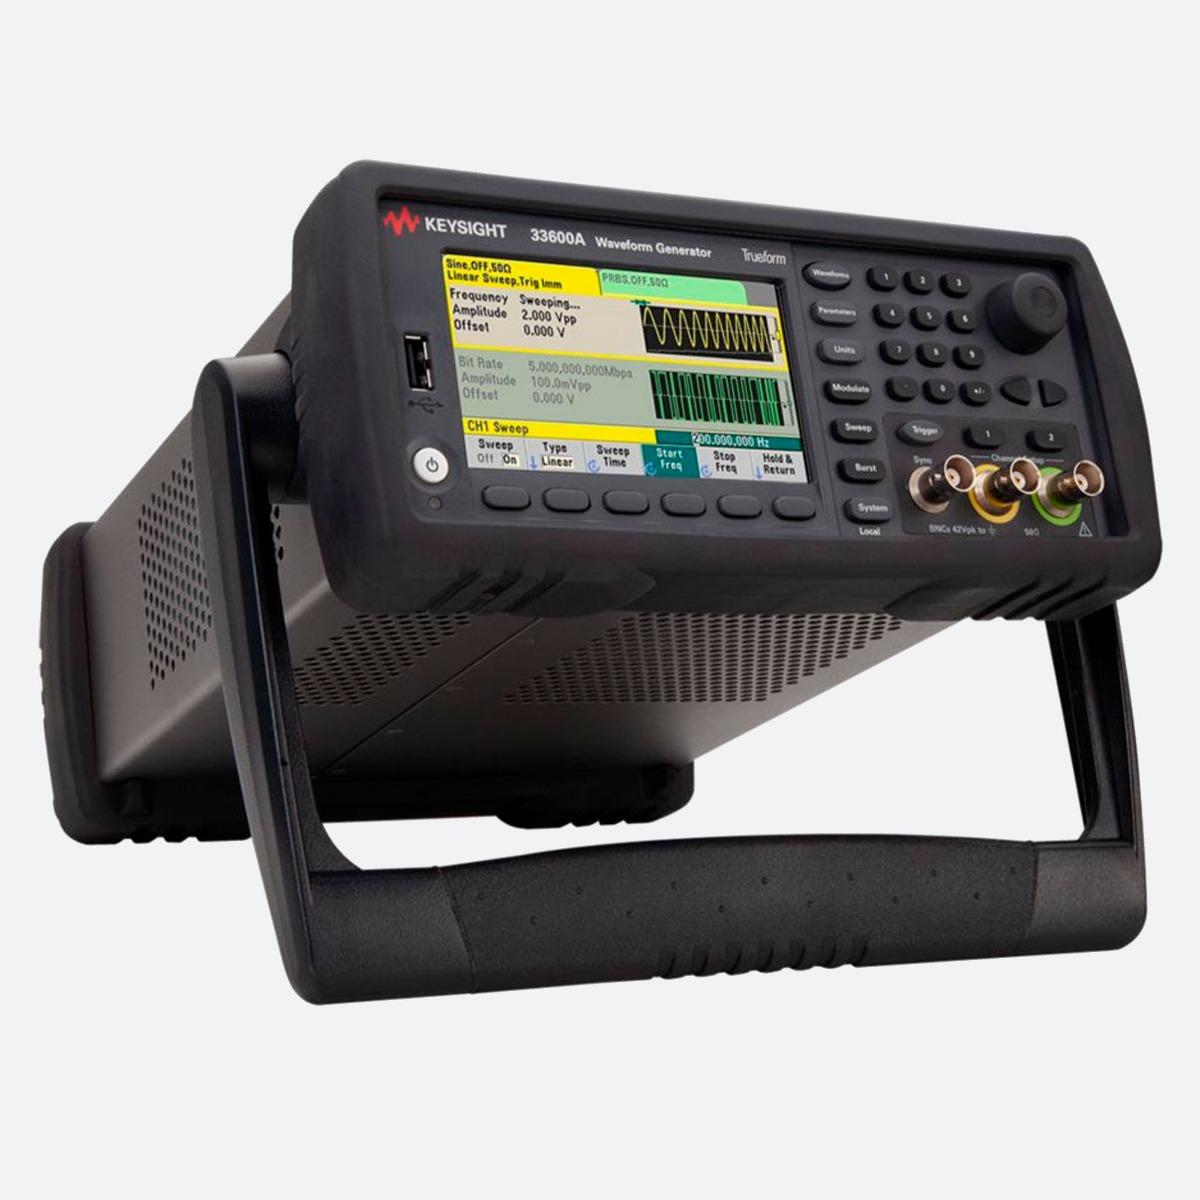 Keysight 33622A, 33621A, 33612A, 33611A, 33522B, 33521B, 33520B, 33519B, 33512B, 33511B, 33510B, 33509B Waveform Generator CControls